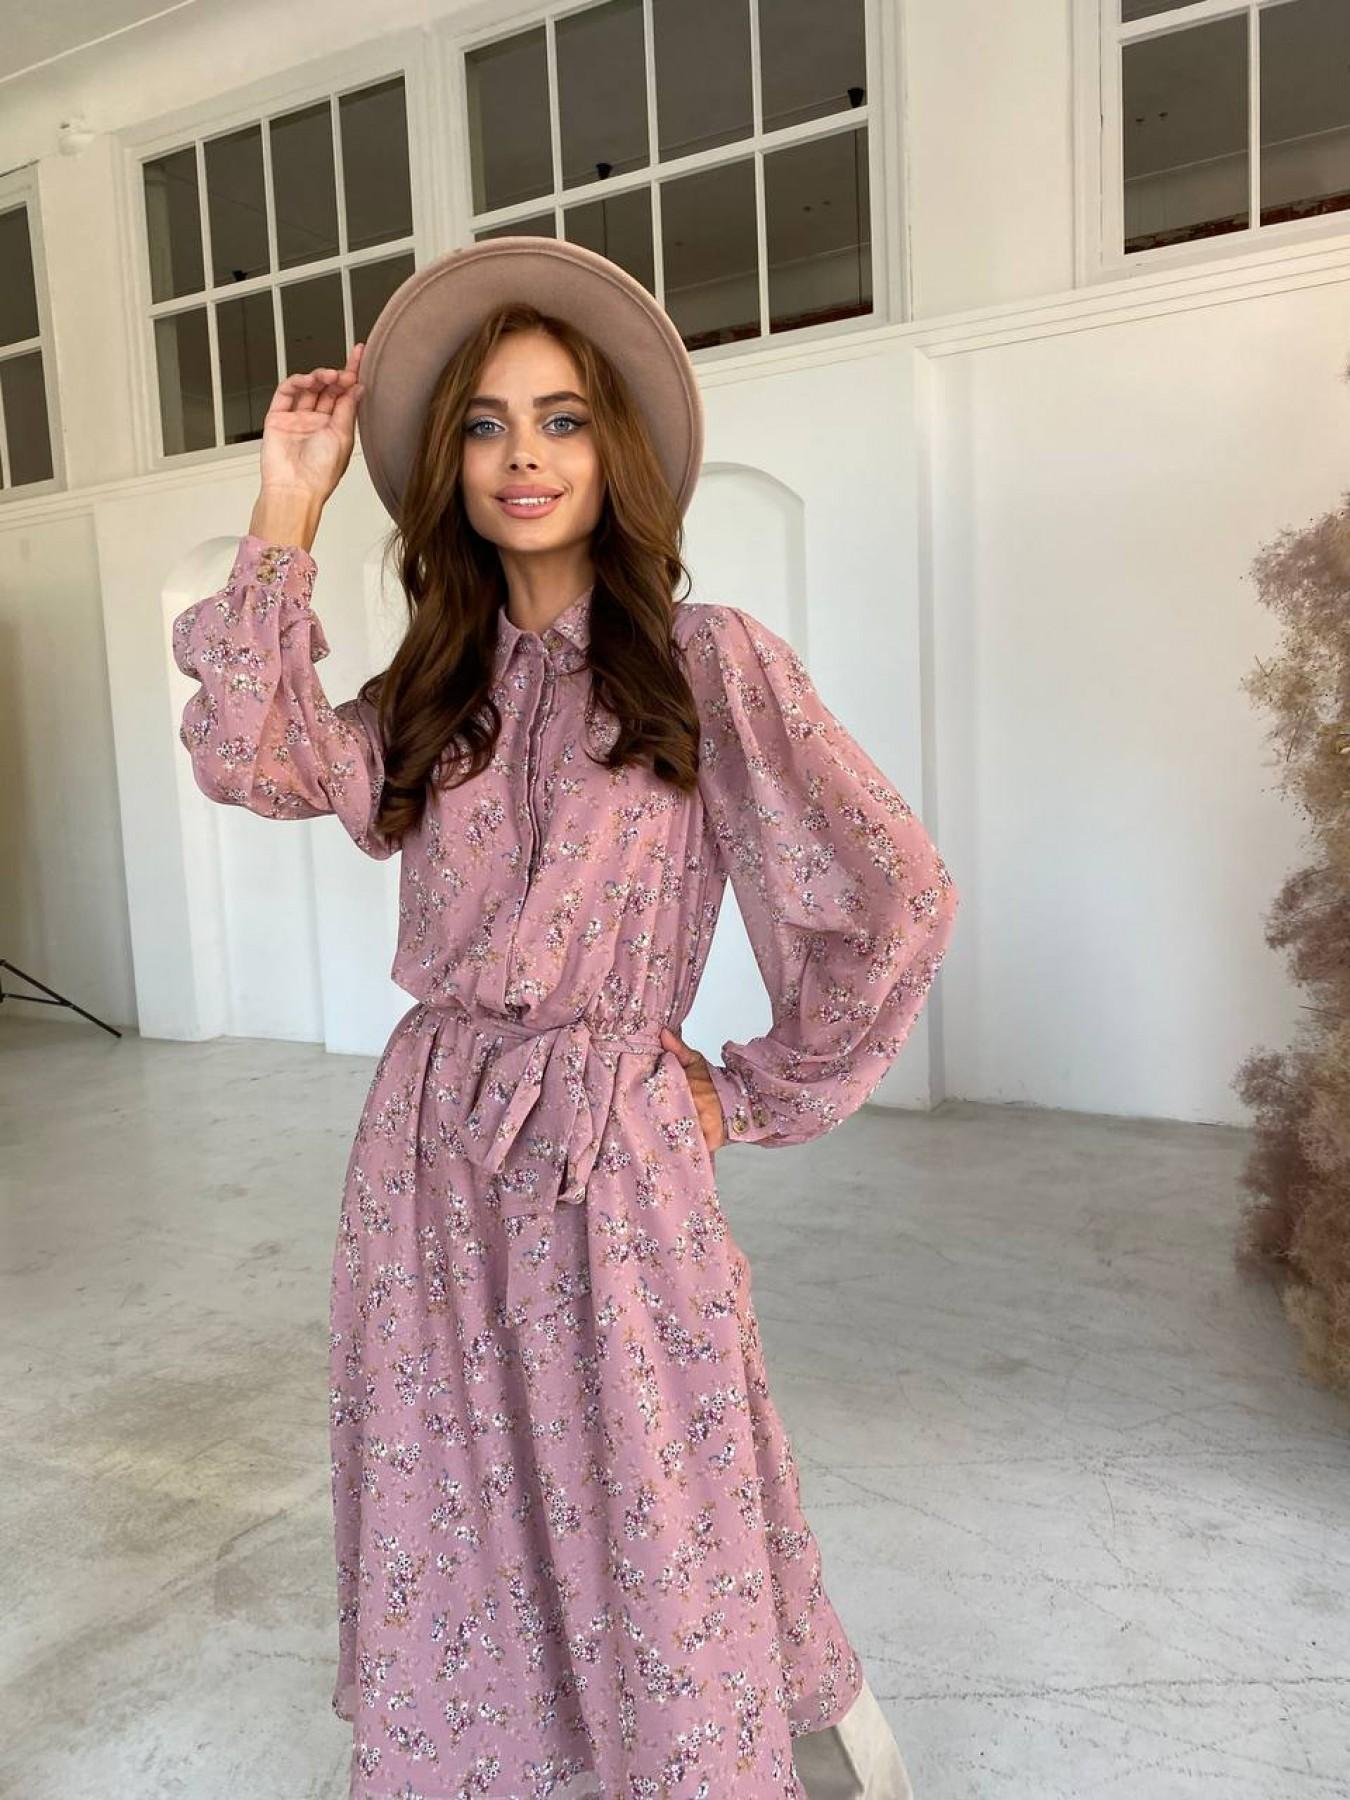 Купить платья оптом в Украине от Modus Жасмин платье из  шифона микро принт с длинным рукавом не стрейч 11685